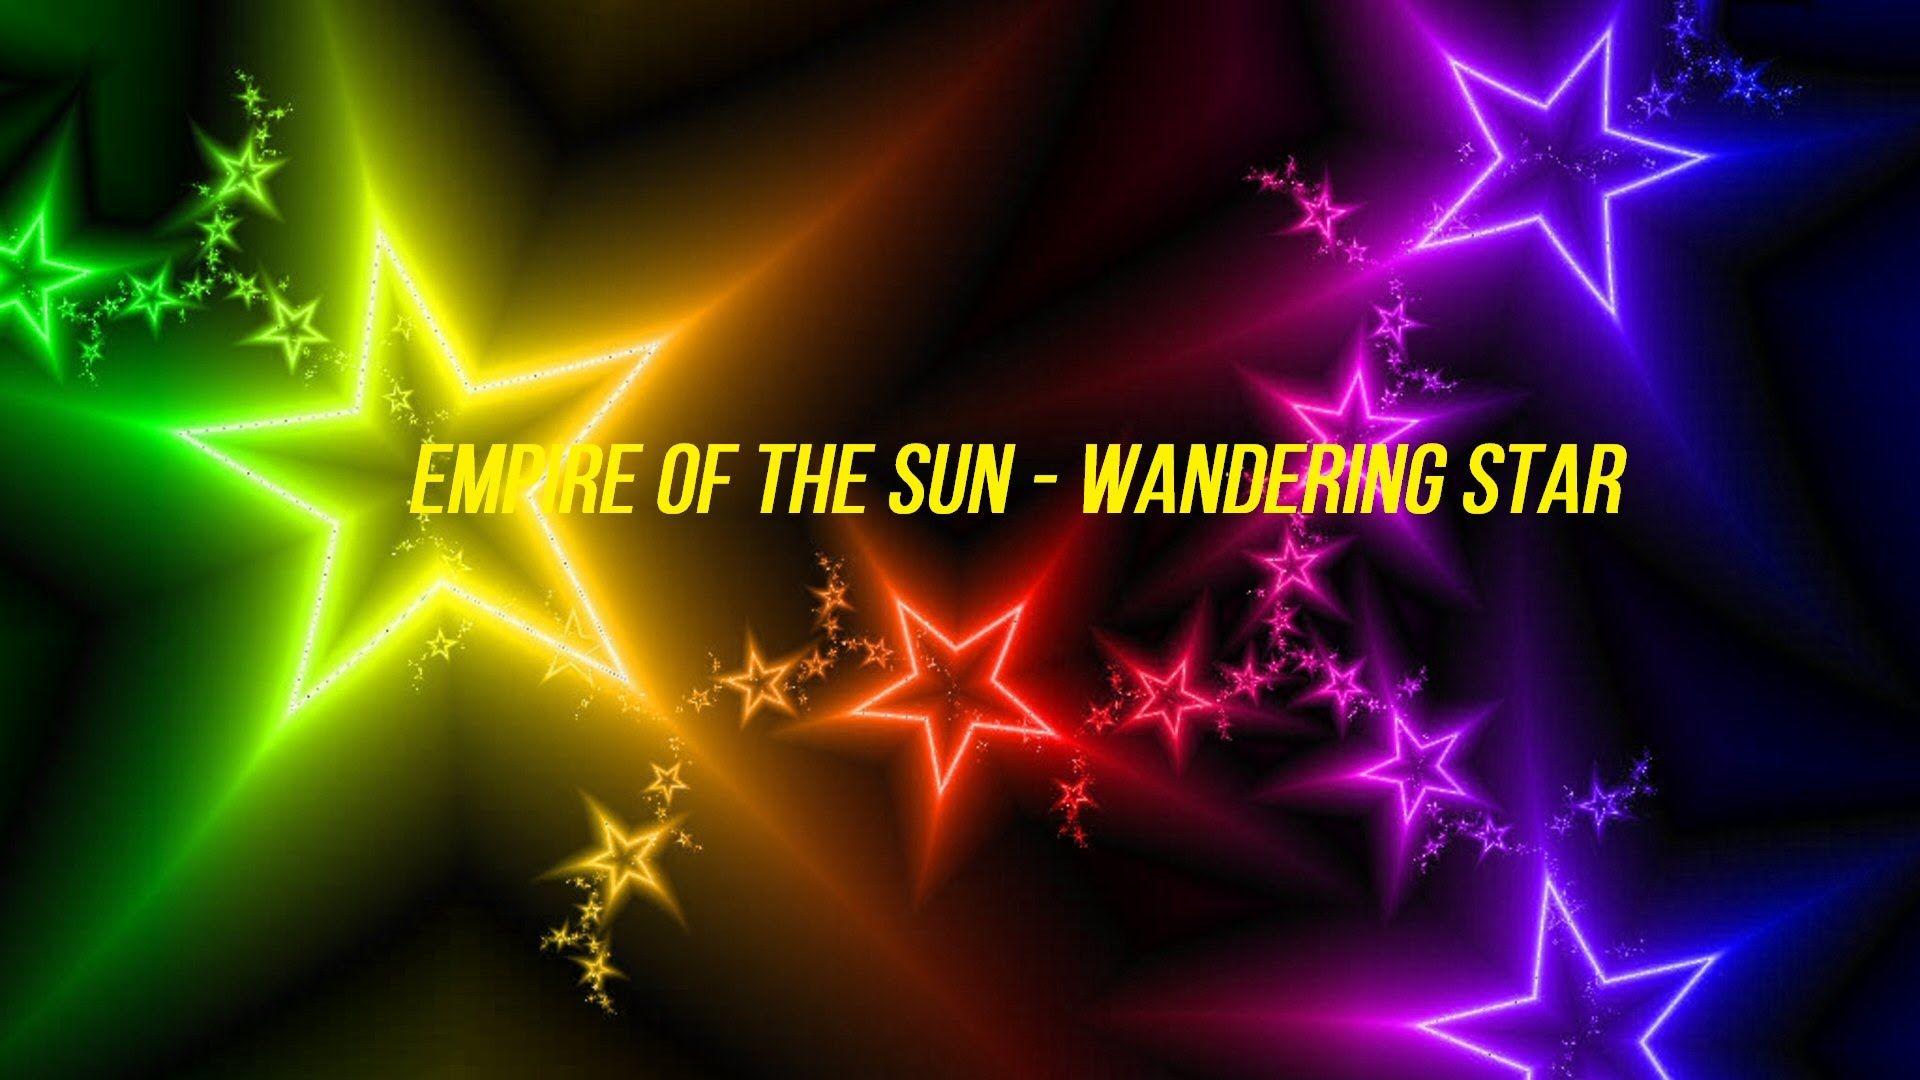 Empire Of The Sun Wandering Star Star Wallpaper Pretty